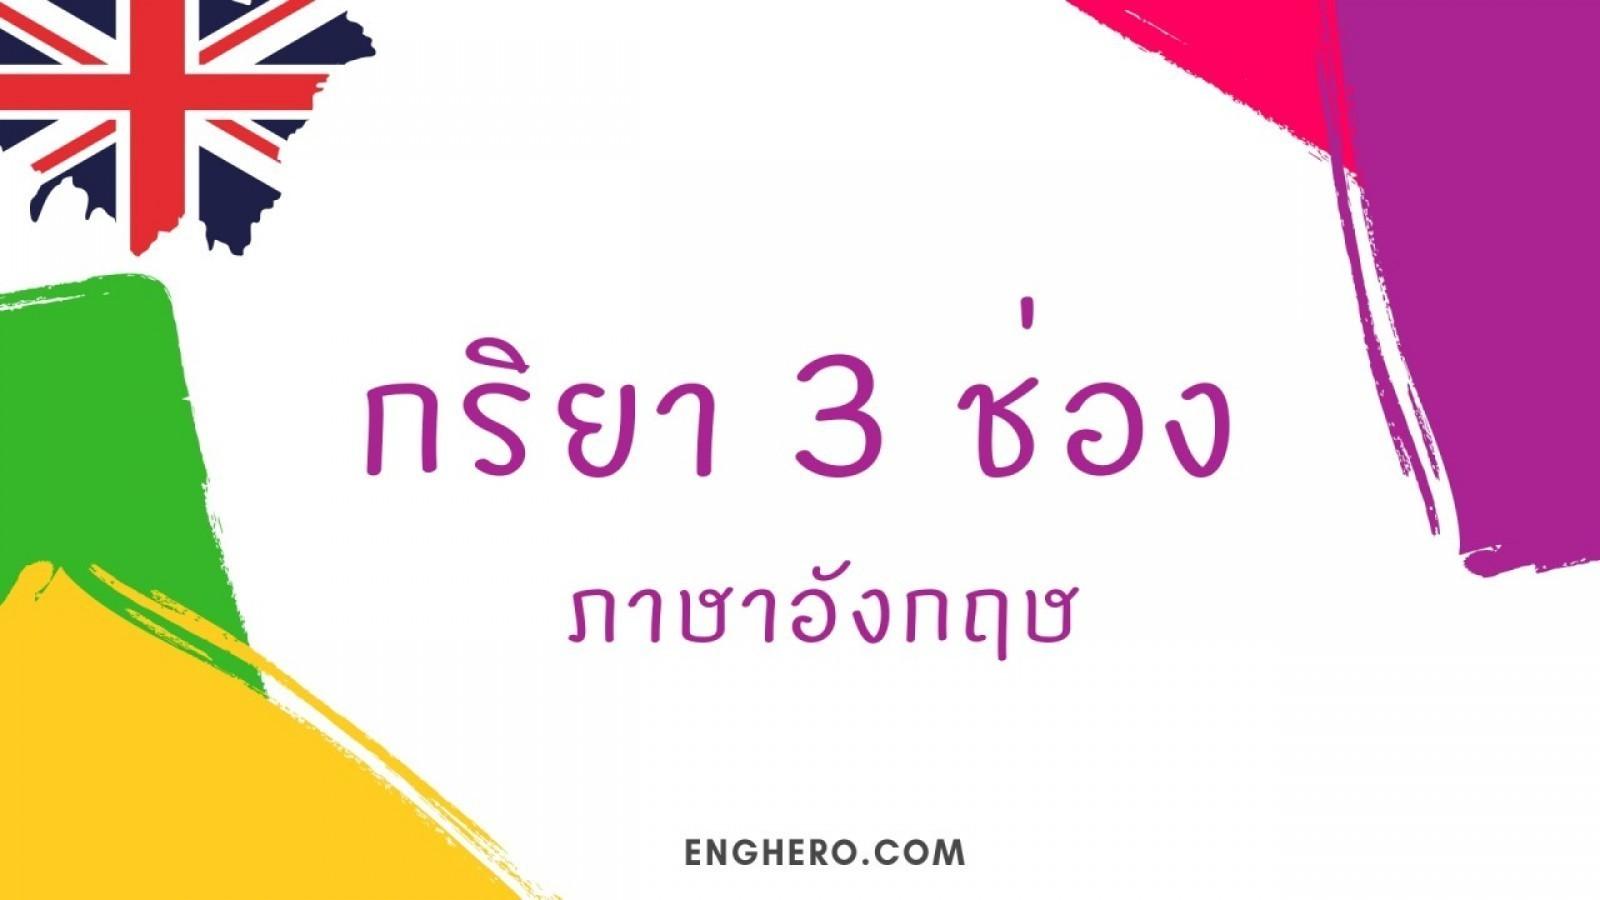 กริยา 3 ช่อง ภาษาอังกฤษ + ไฟล์ pdf ไฟล์ doc